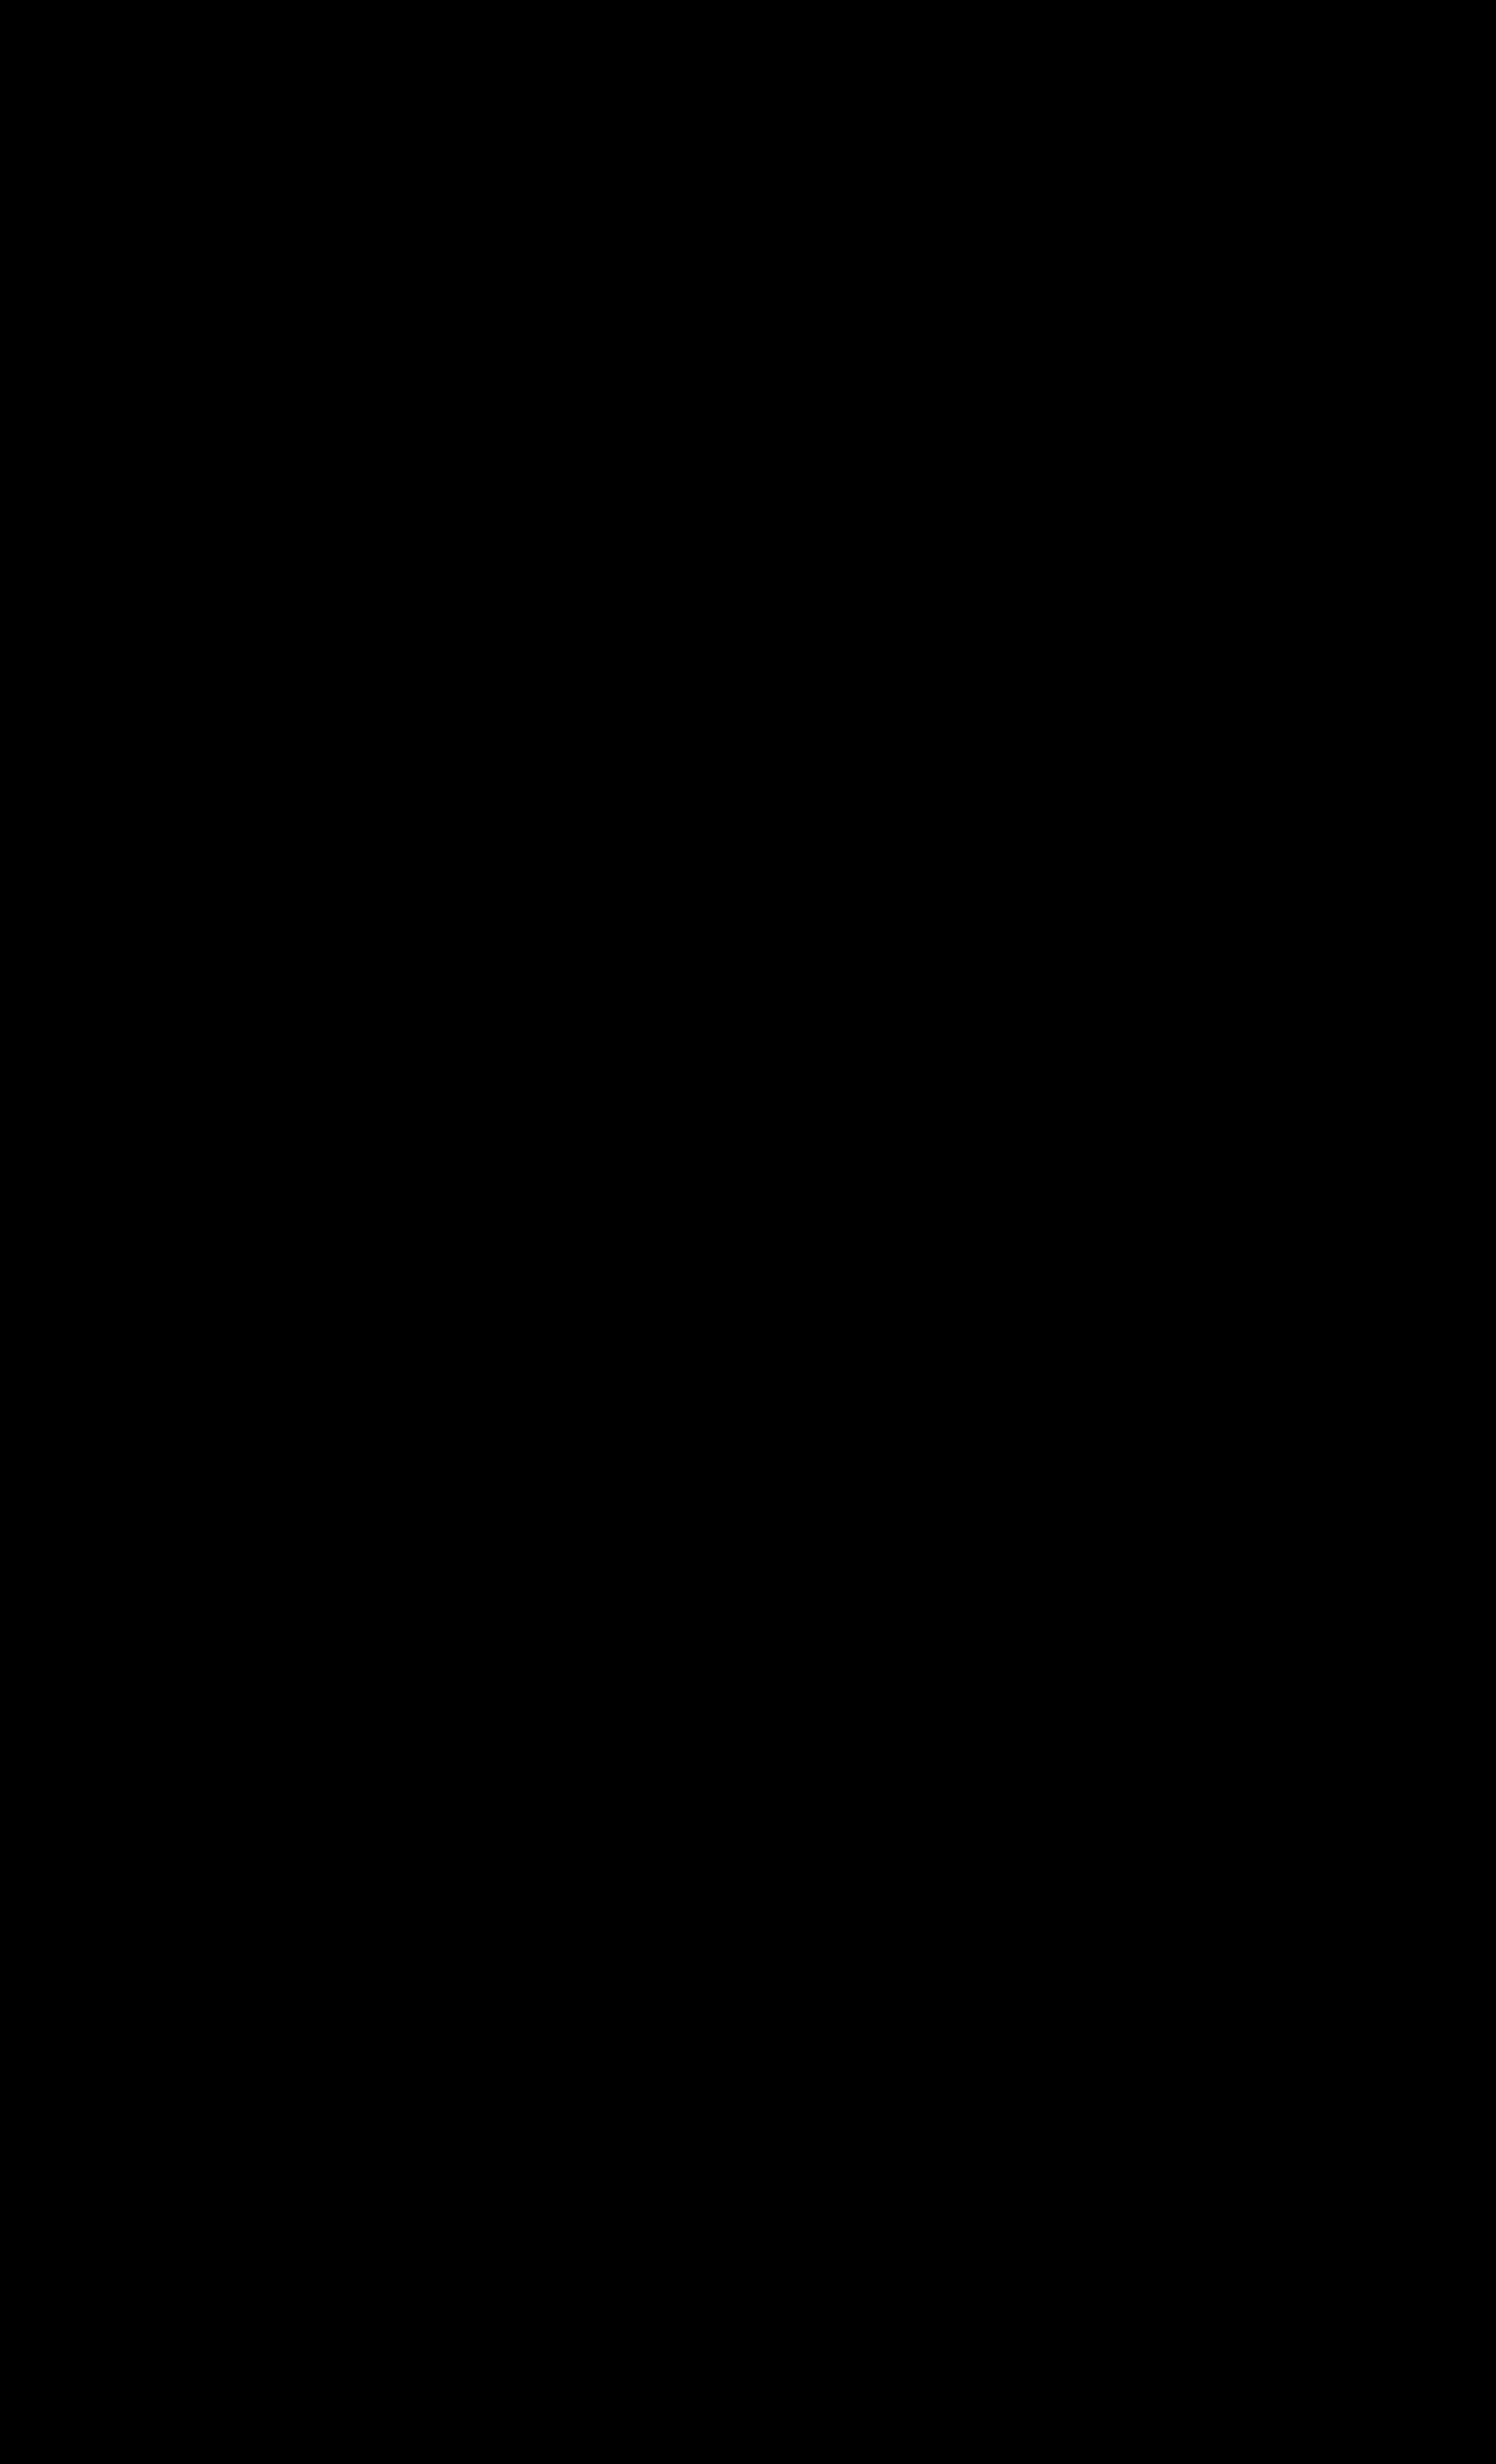 IMAGE-affiche_colloque-AIEQ_Quebec-modeles-de-savoirs-modeles-de-societe